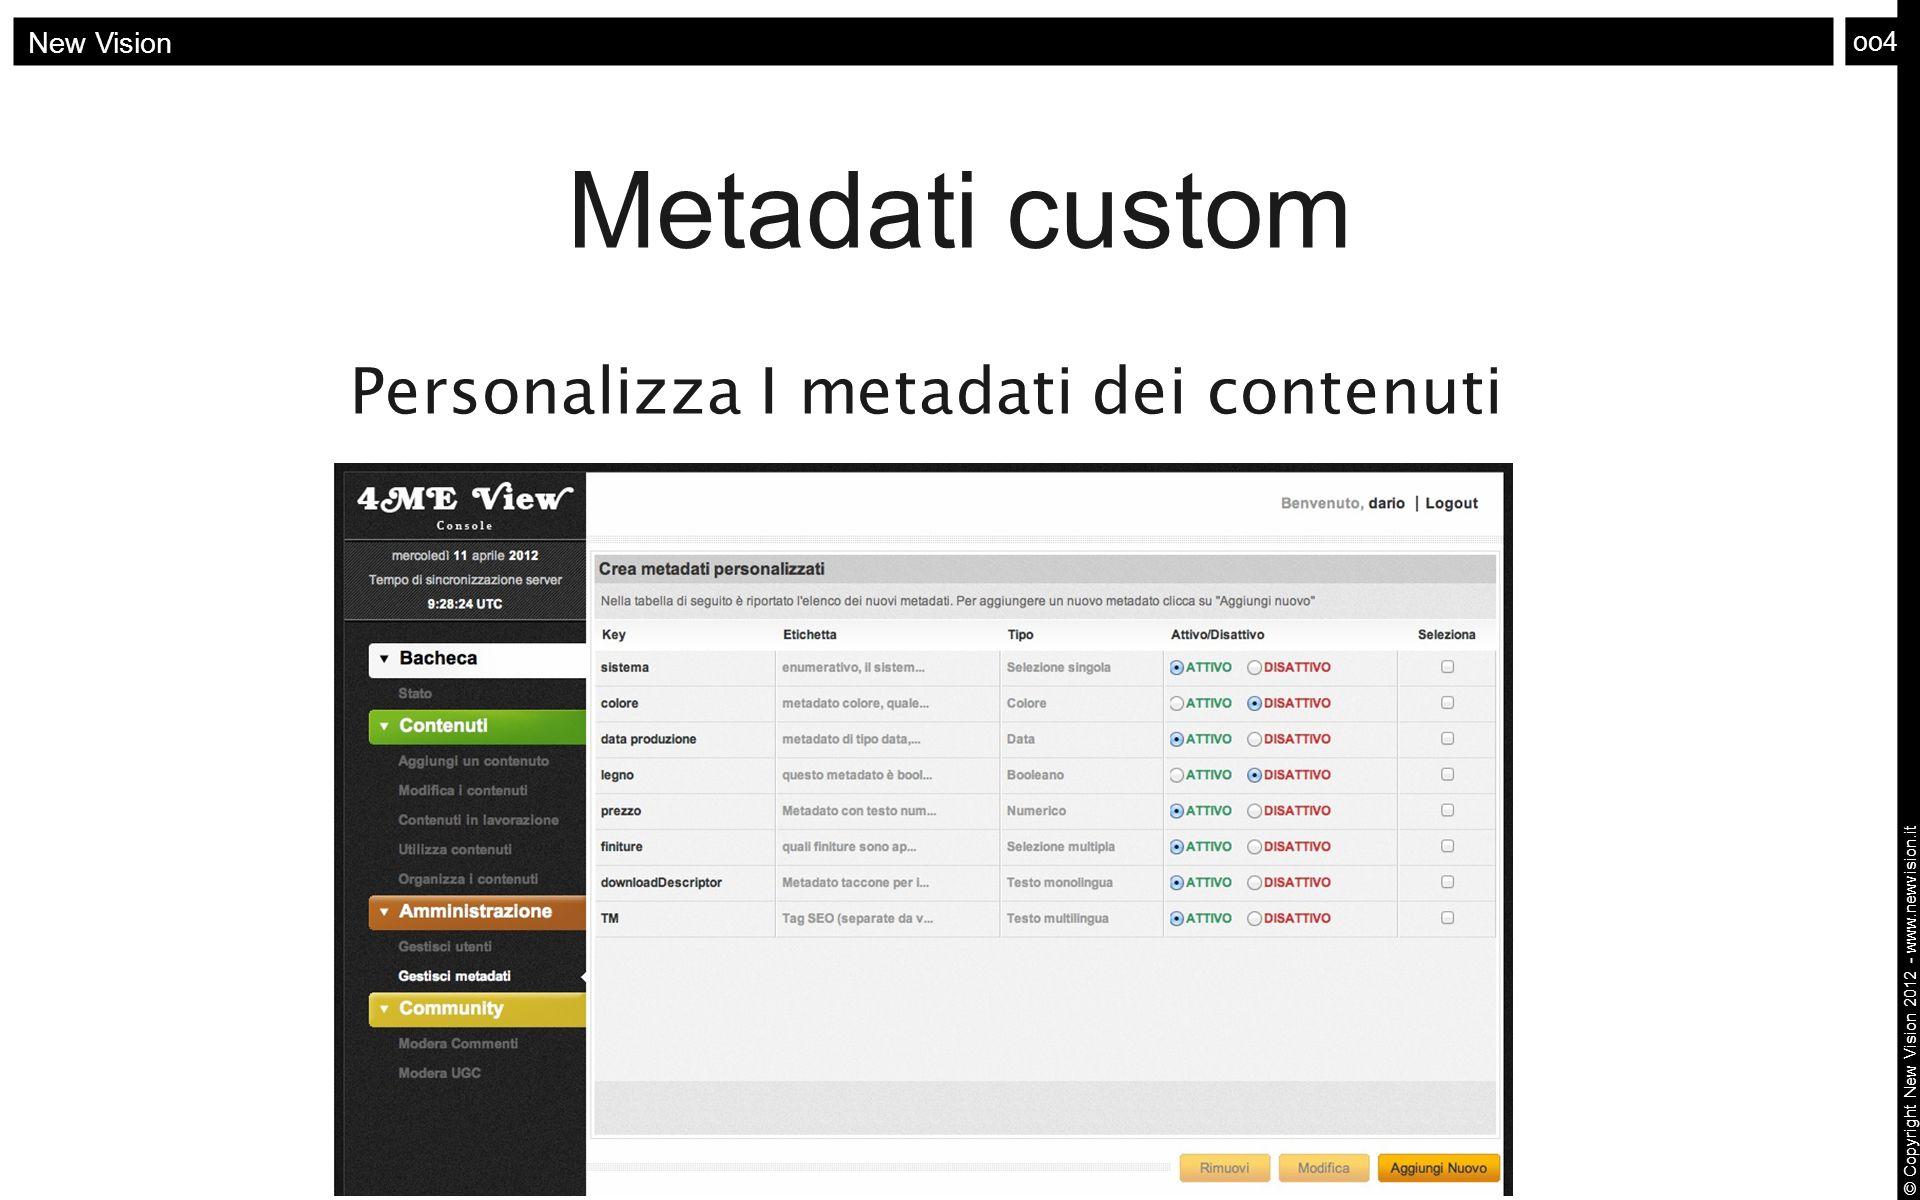 oo4 New Vision © Copyright New Vision 2012 - www.newvision.it Metadati custom Personalizza I metadati dei contenuti